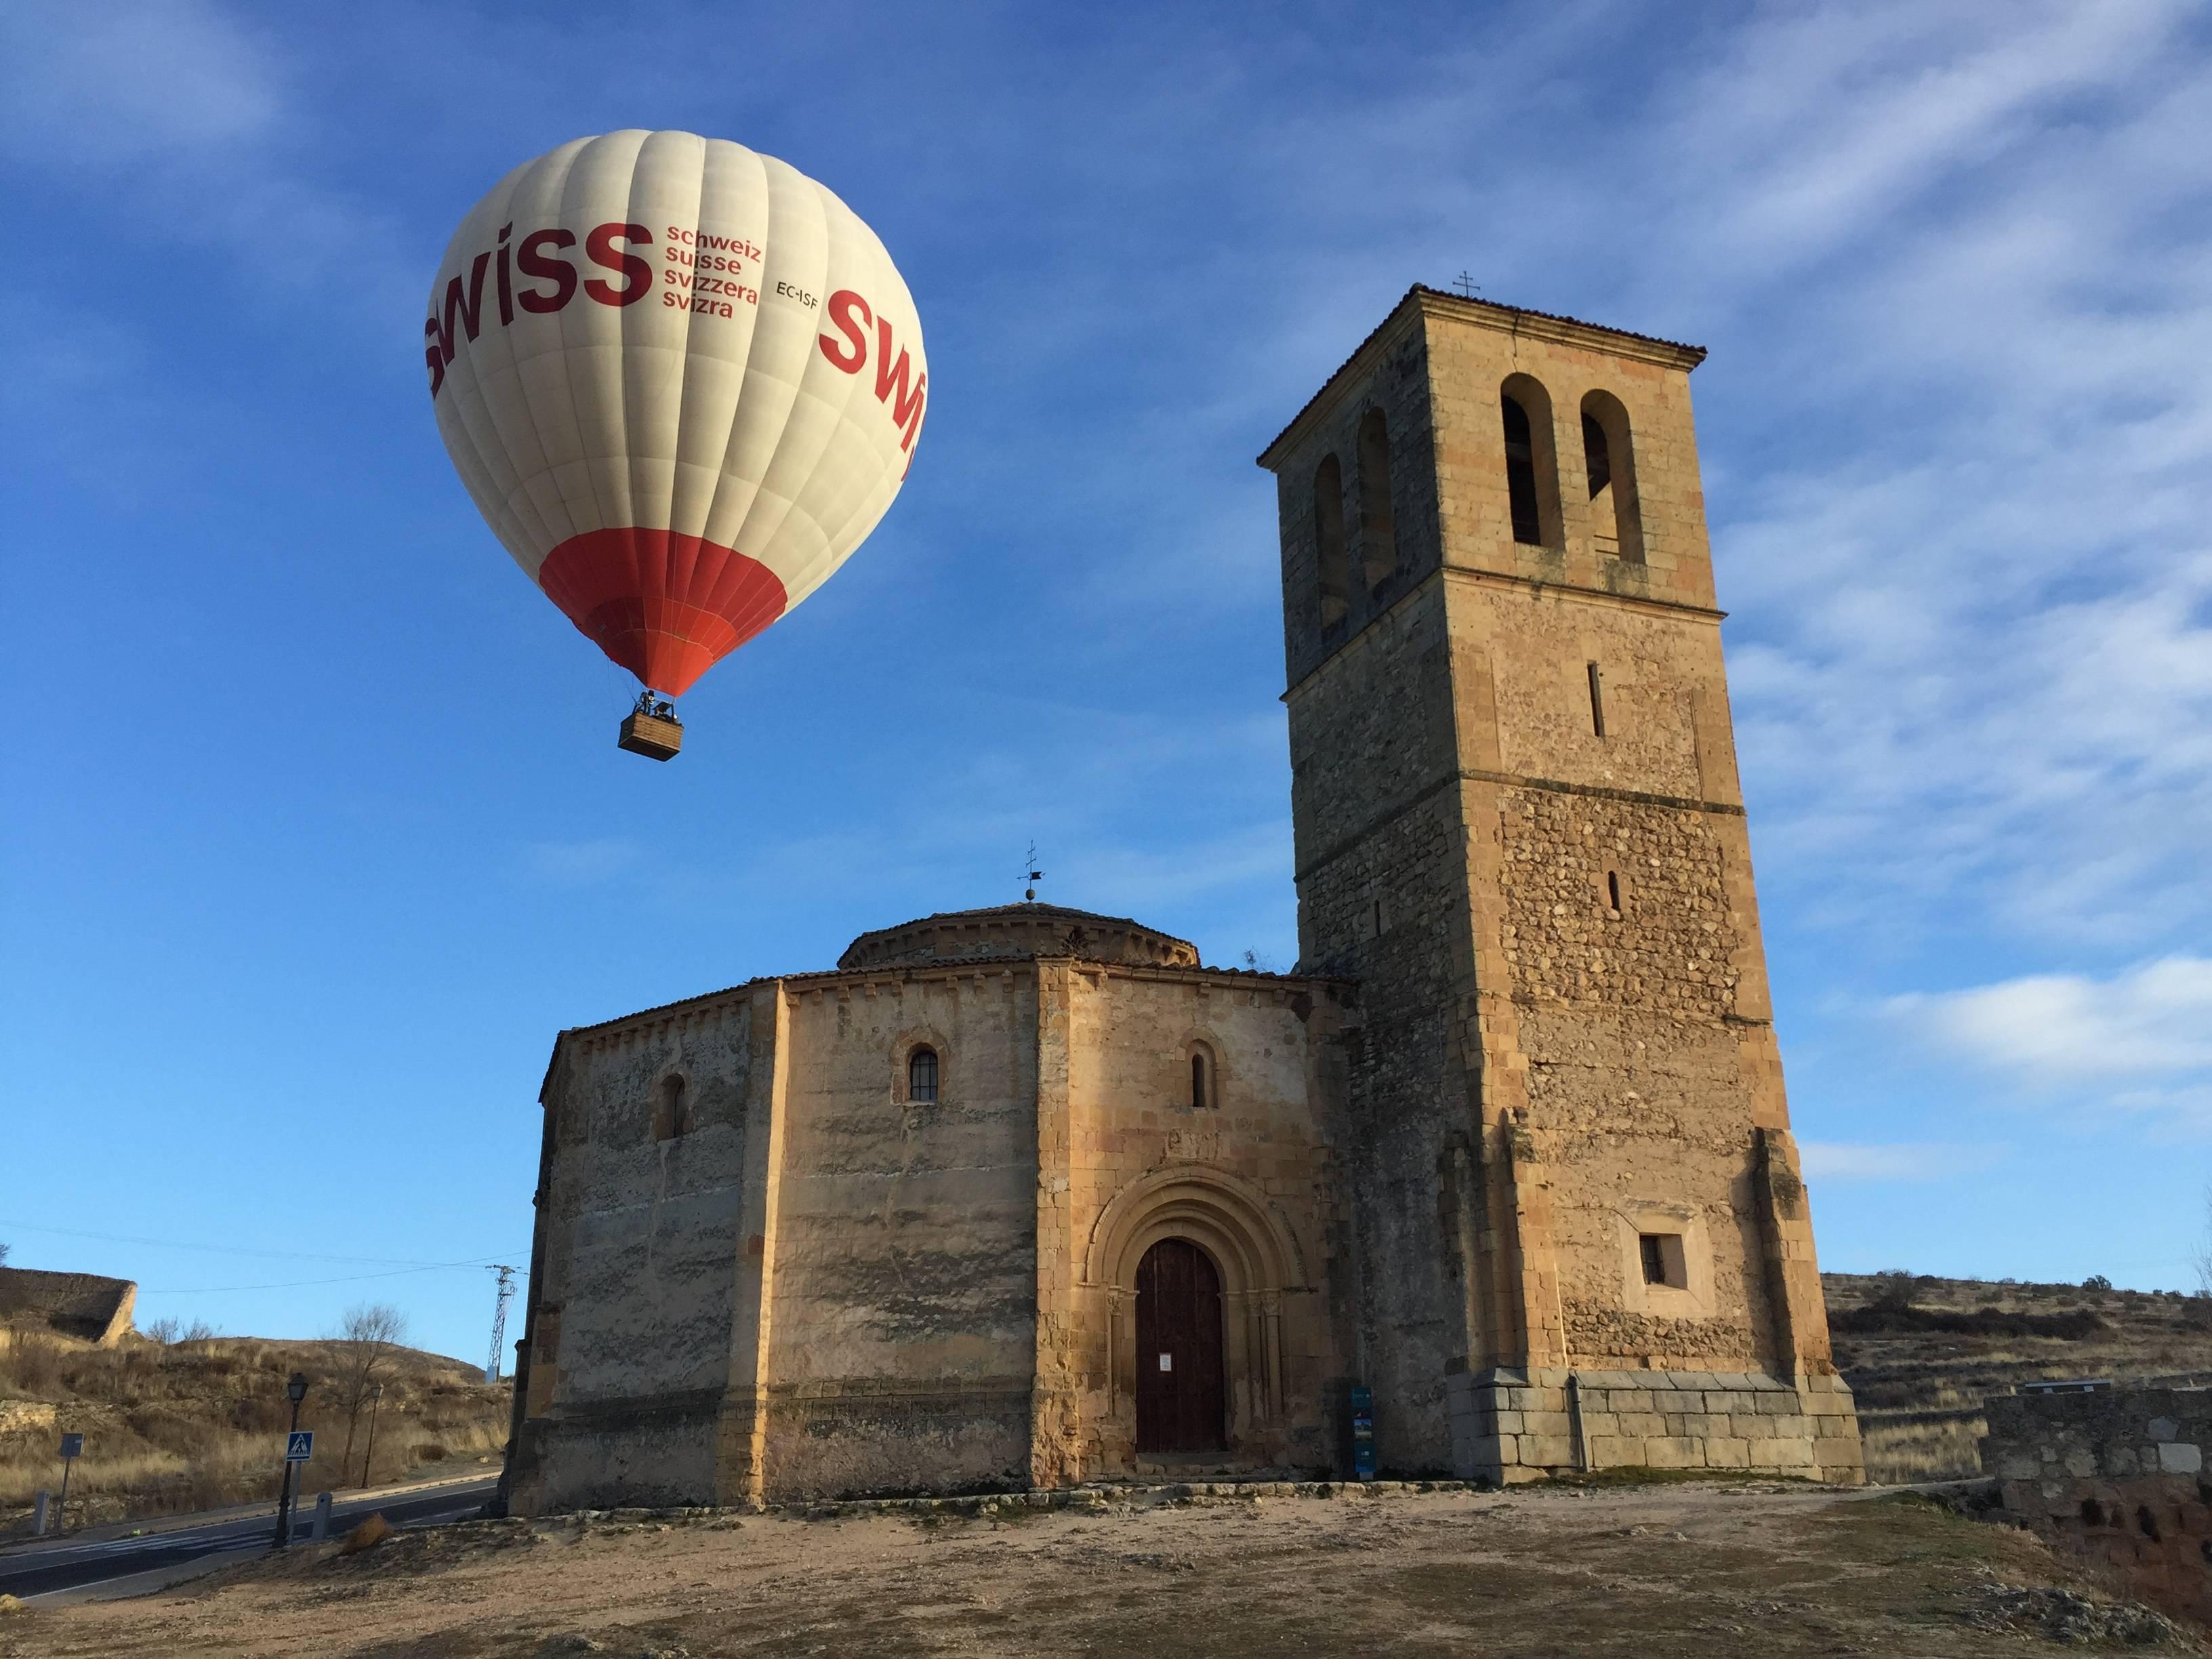 balloon ride over Segovia: Destinos de vuelo en globo